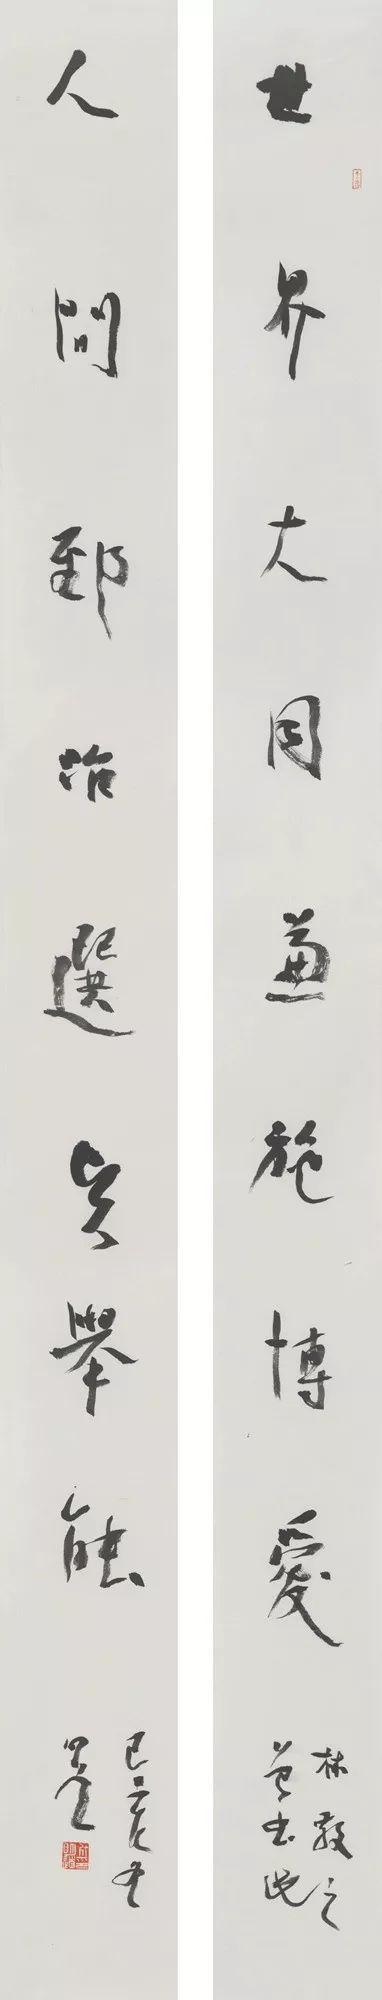 640-22.jpg